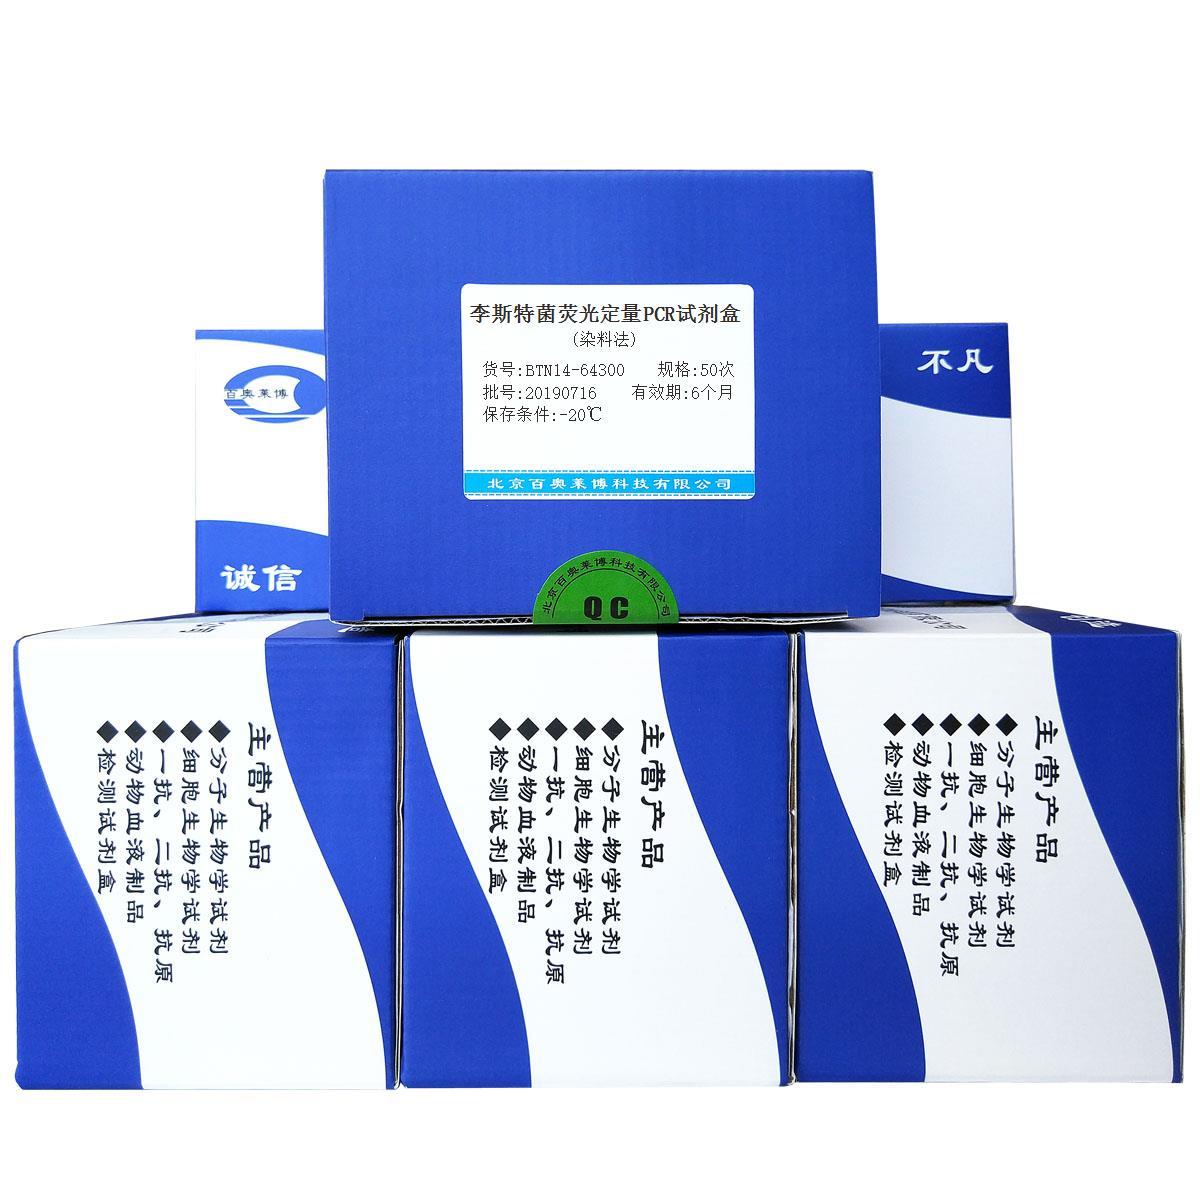 李斯特菌荧光定量PCR试剂盒(染料法)北京价格